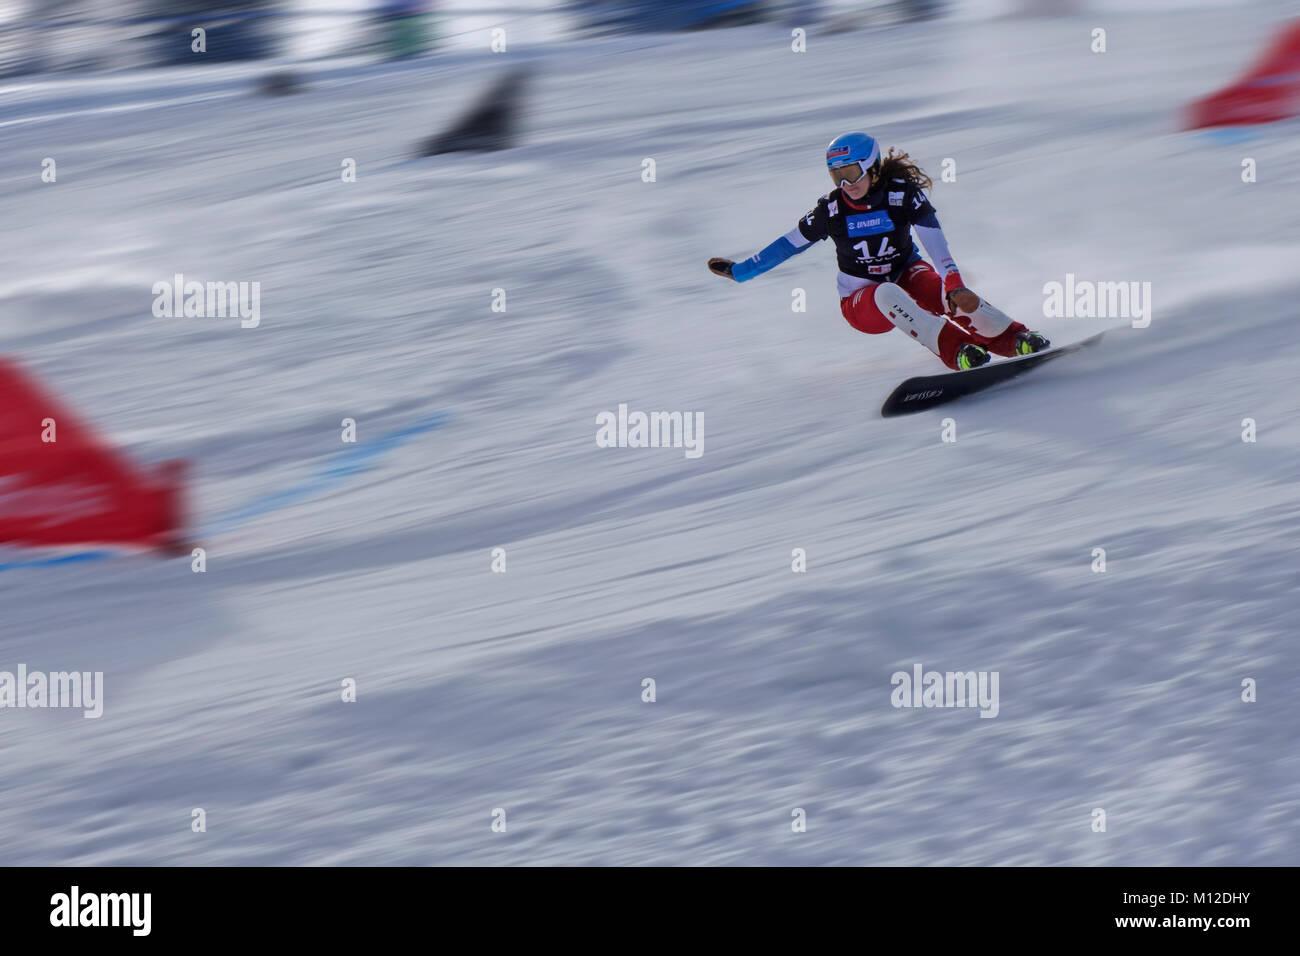 Snowboard Riesenslalom Wettbewerb. Weibliche Konkurrenz. Bewegungsunschärfe. Skigebiet Rogla, Slowenien. Stockbild